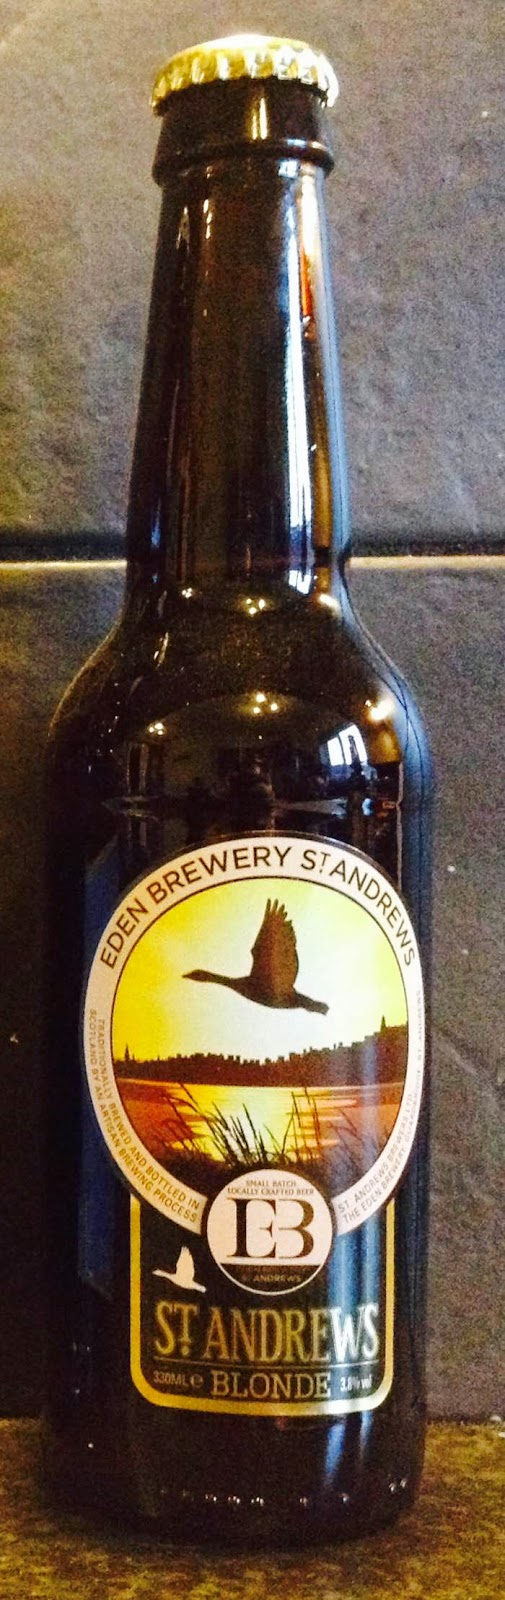 St Andrews Blonde (Eden Brewery)